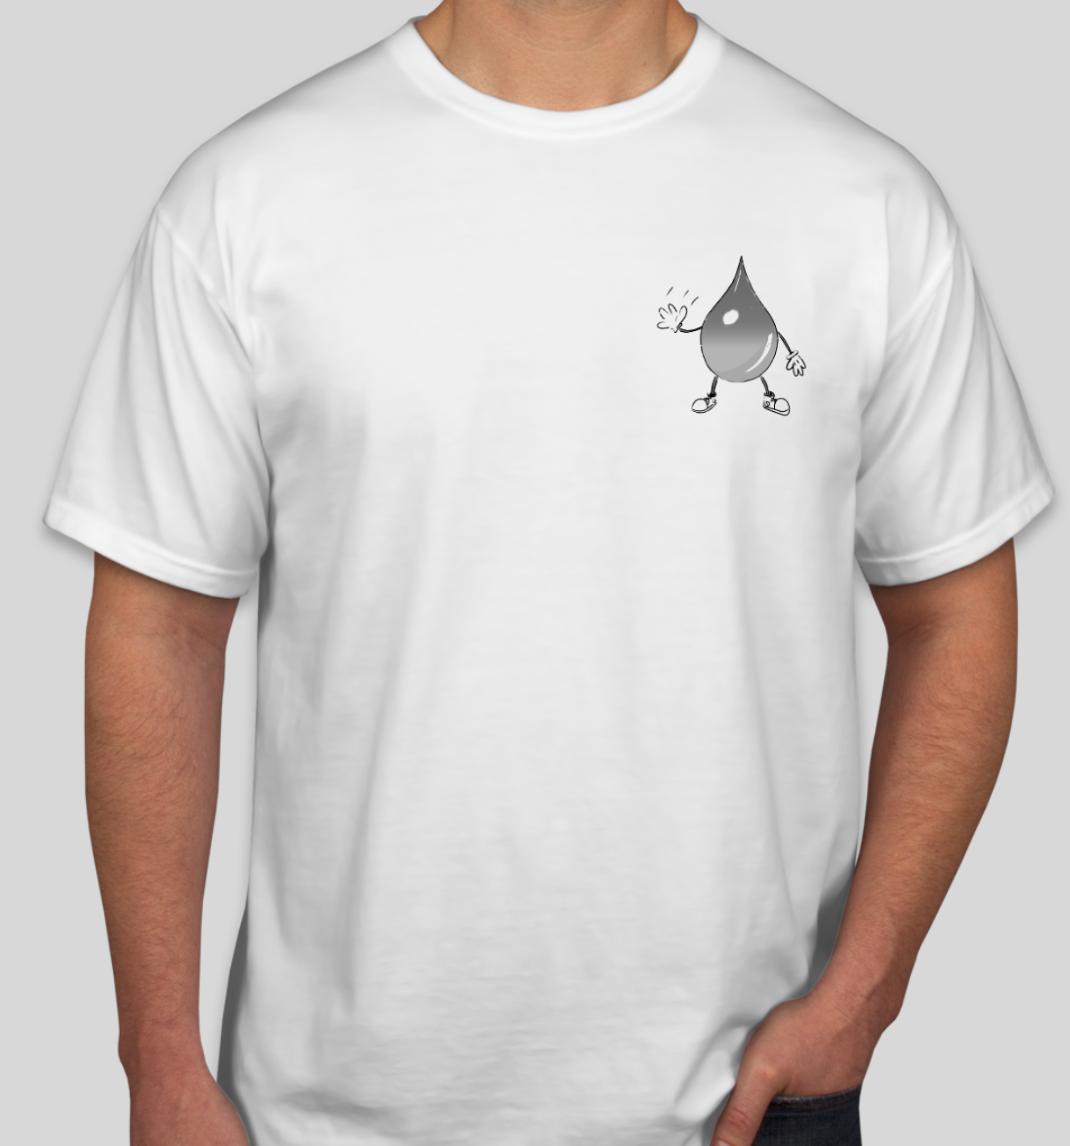 Streamadelica T-Shirt Fundraiser